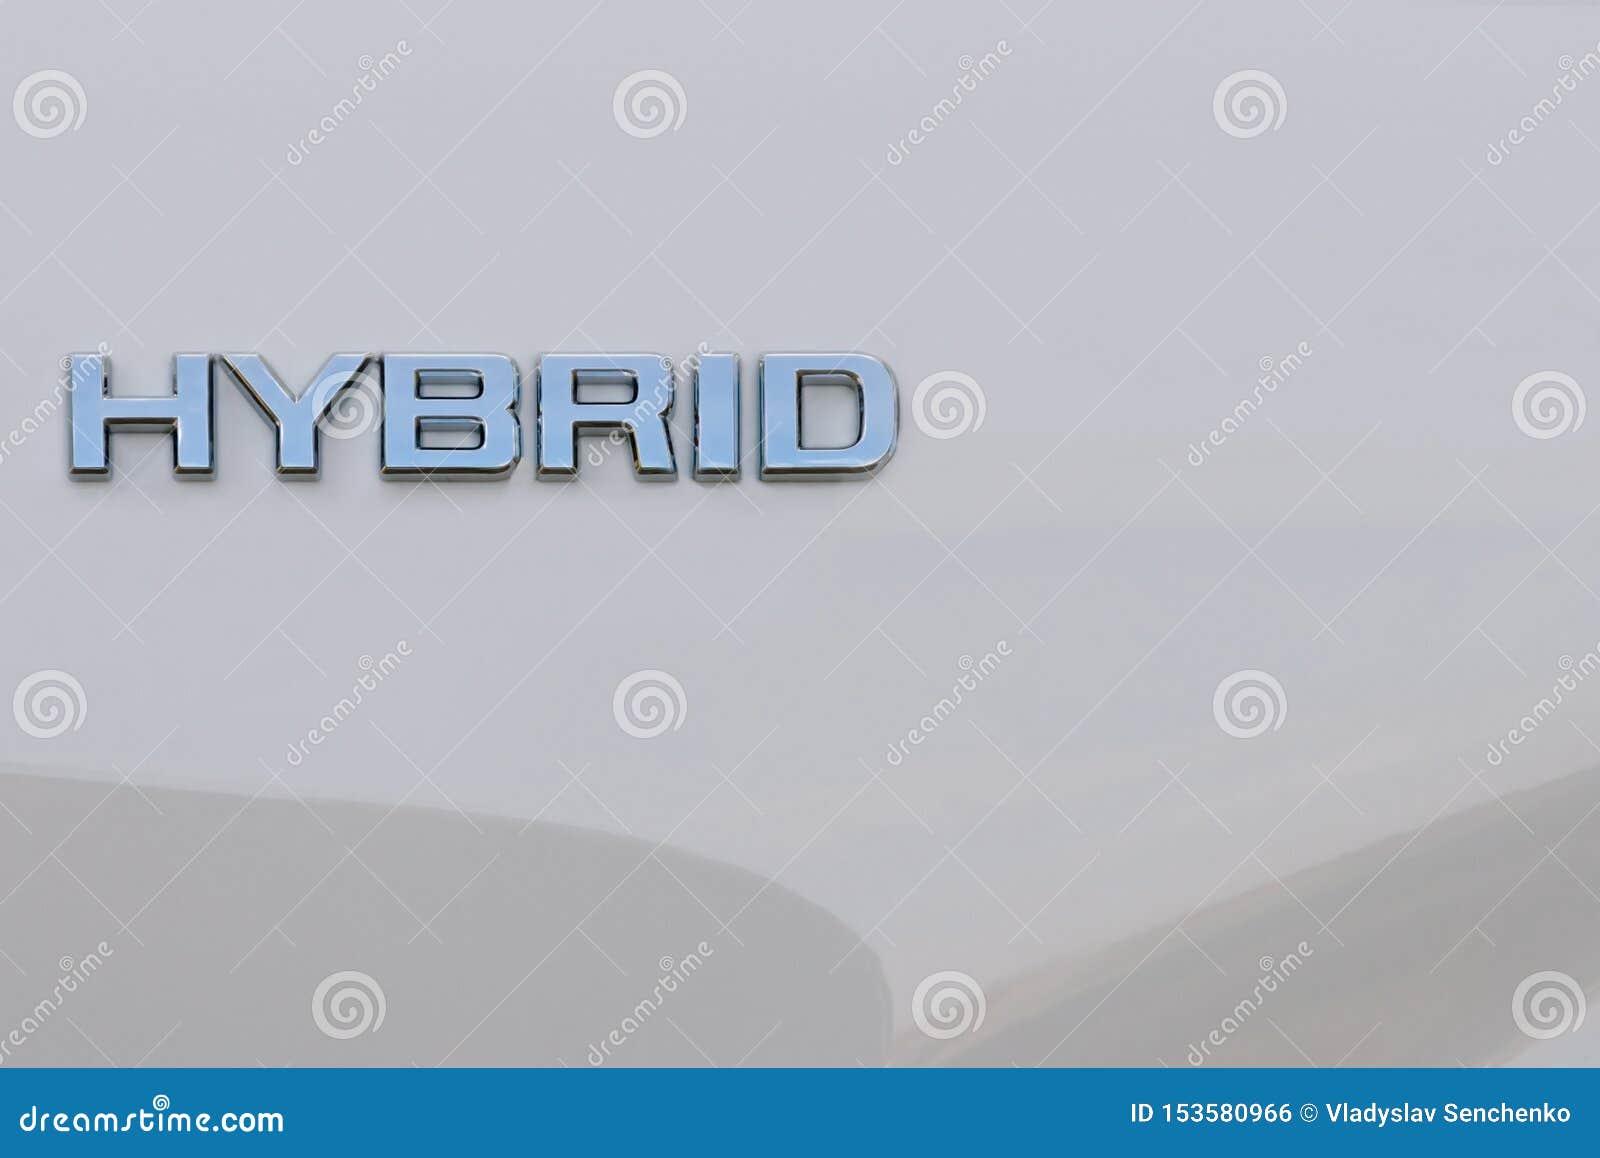 Hybrydowy słowo na białym tle